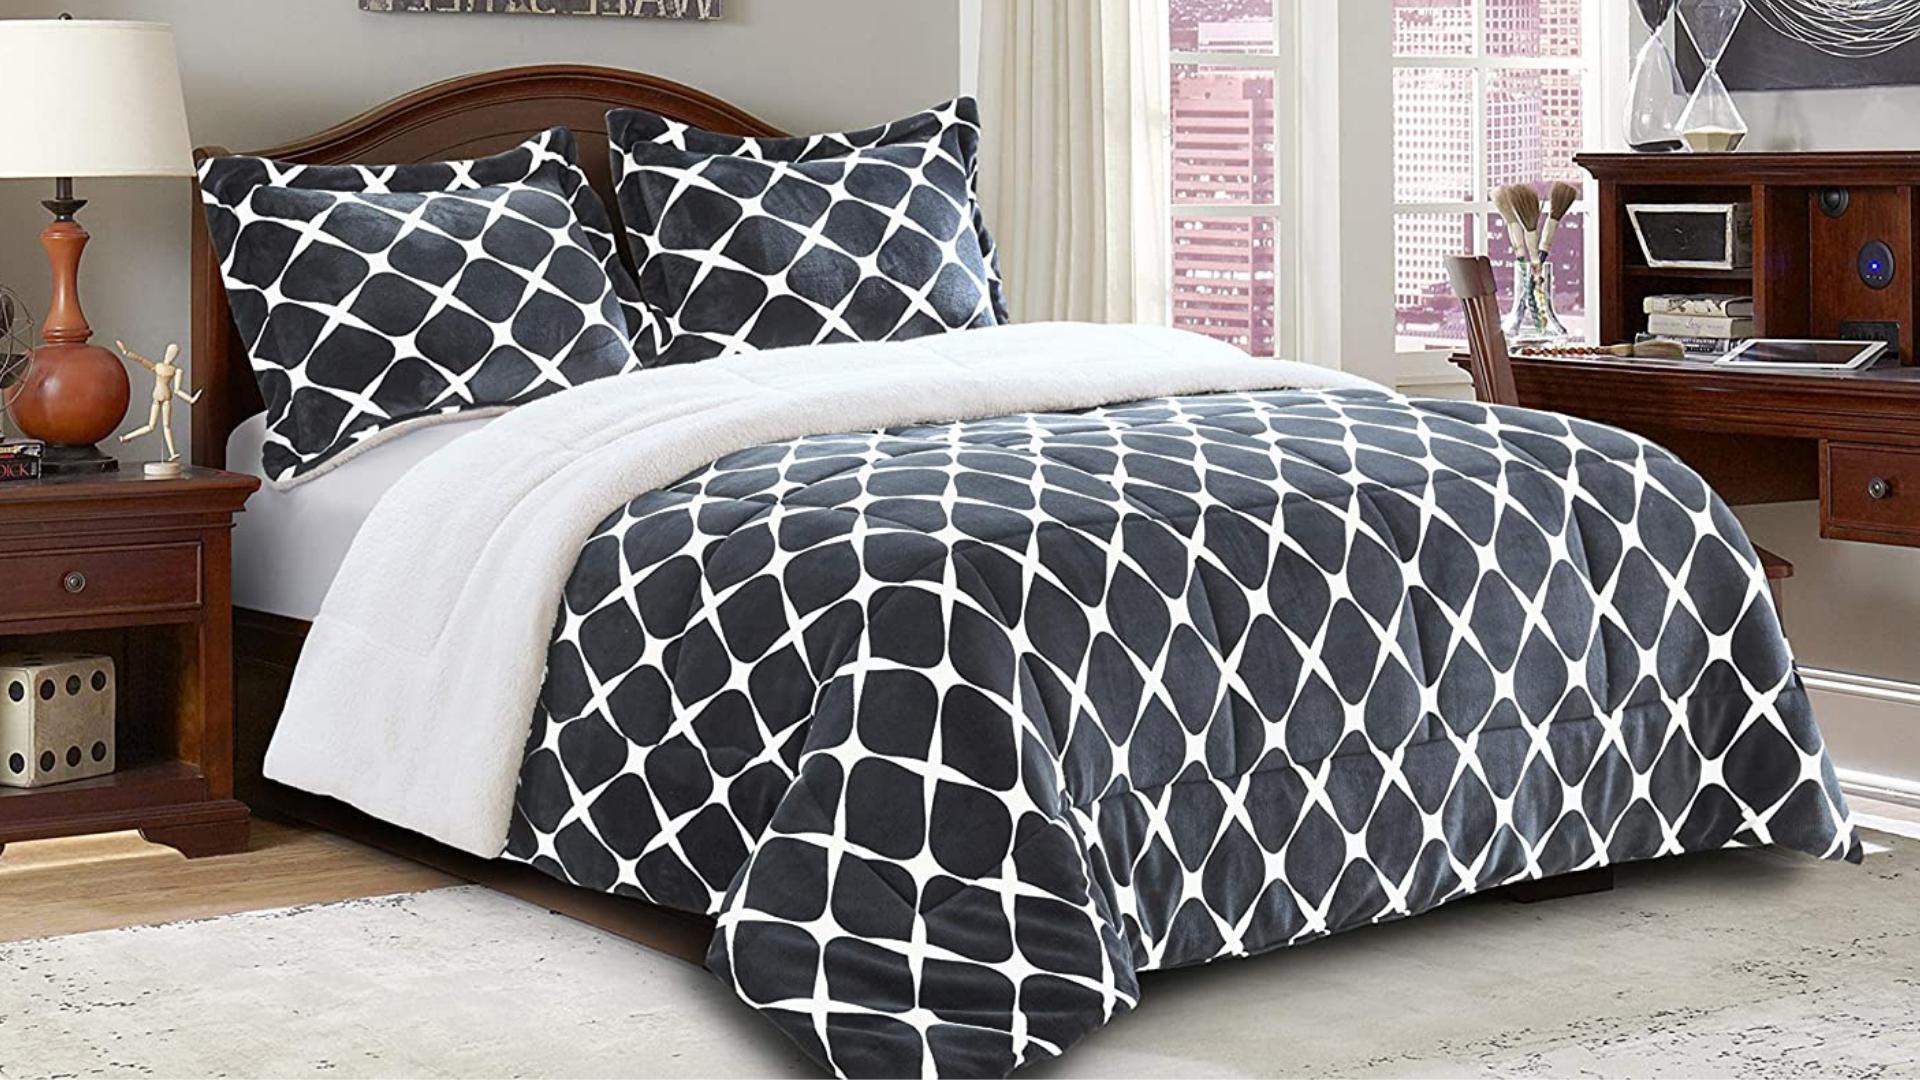 Best winter comforter